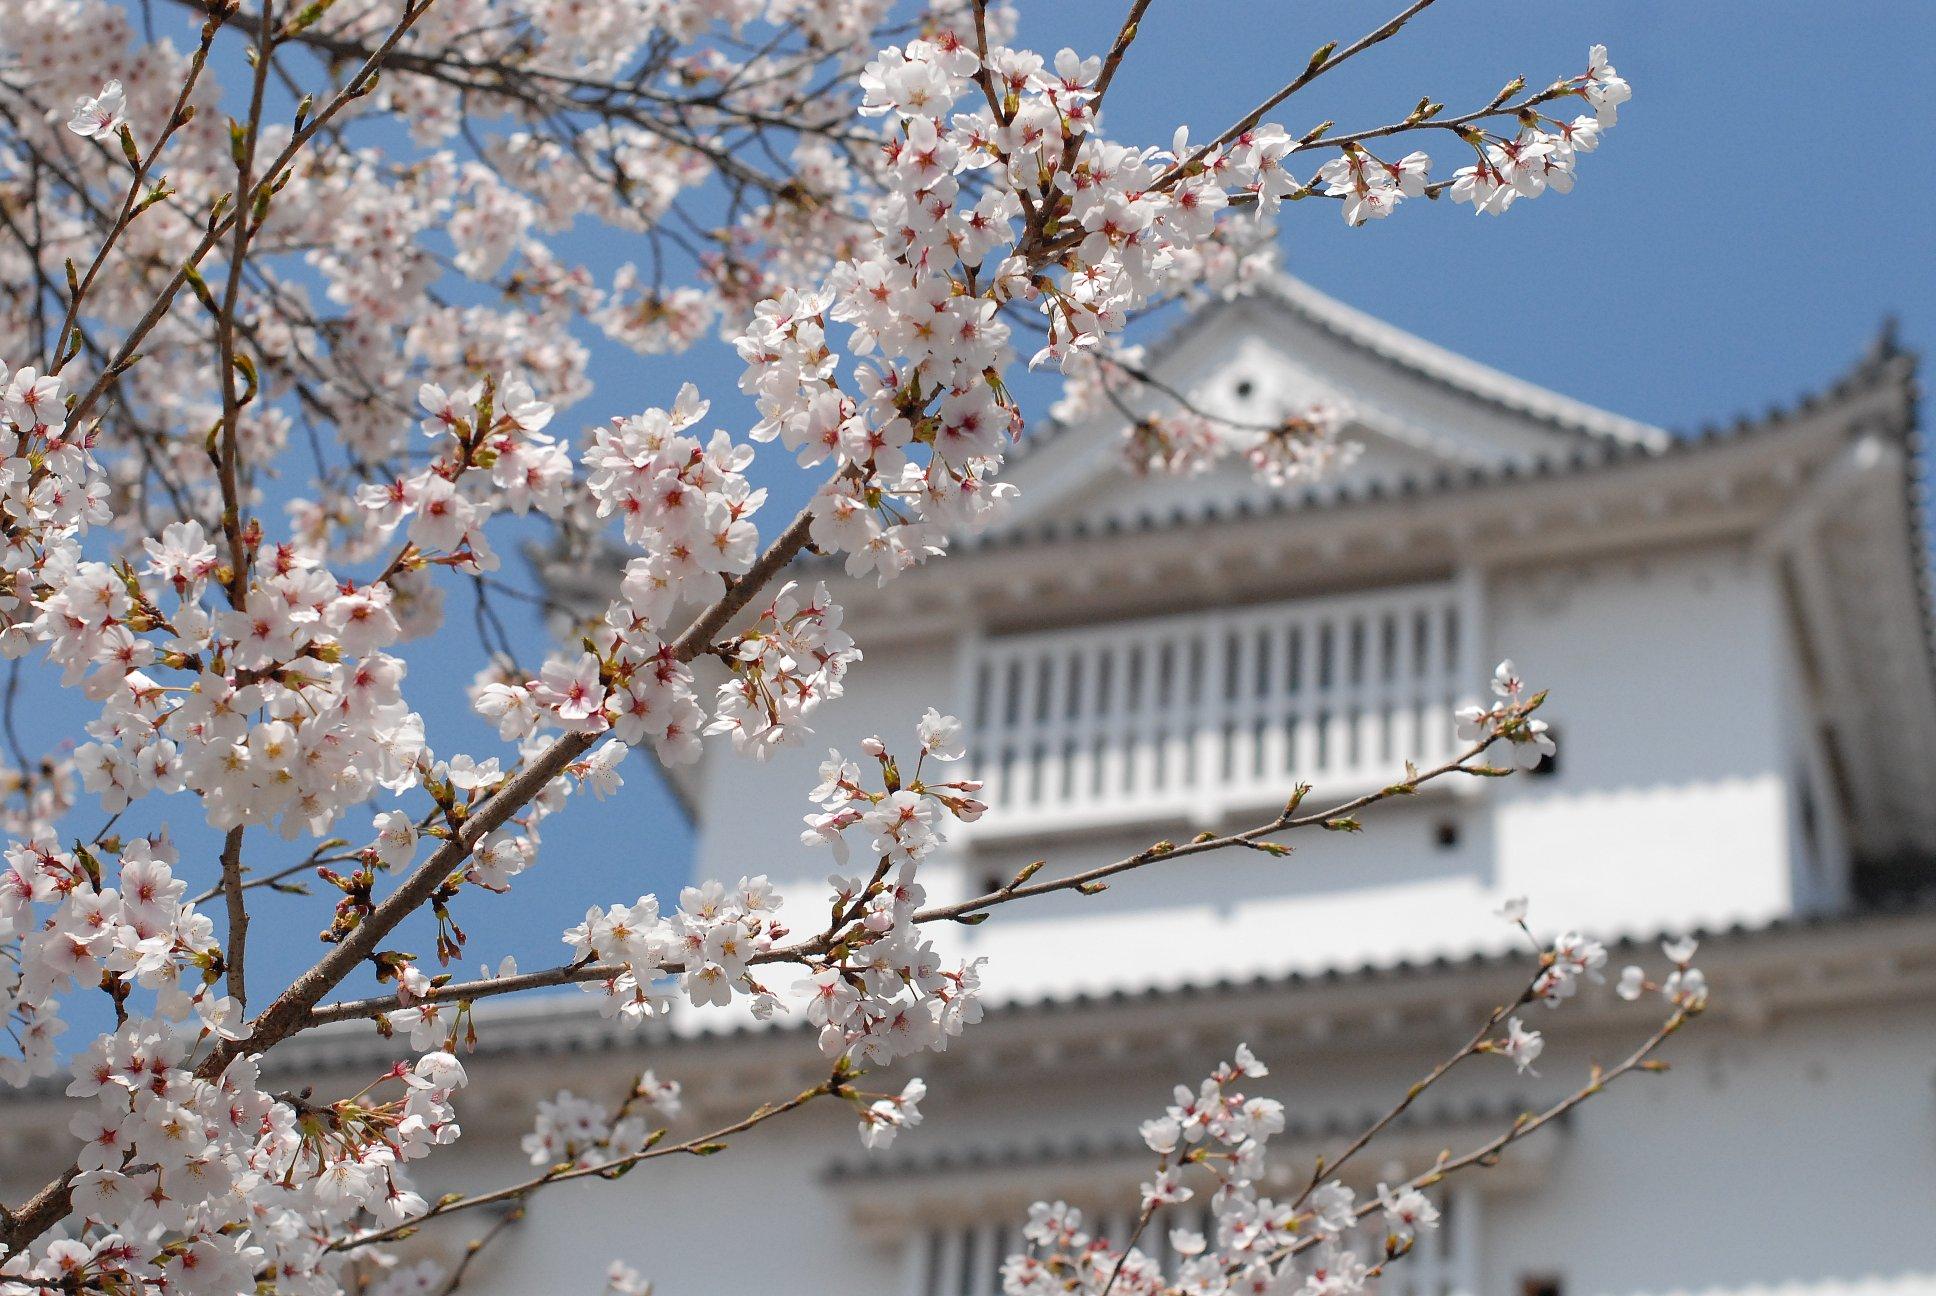 桜舞い上がる道を_b0058796_18504797.jpg